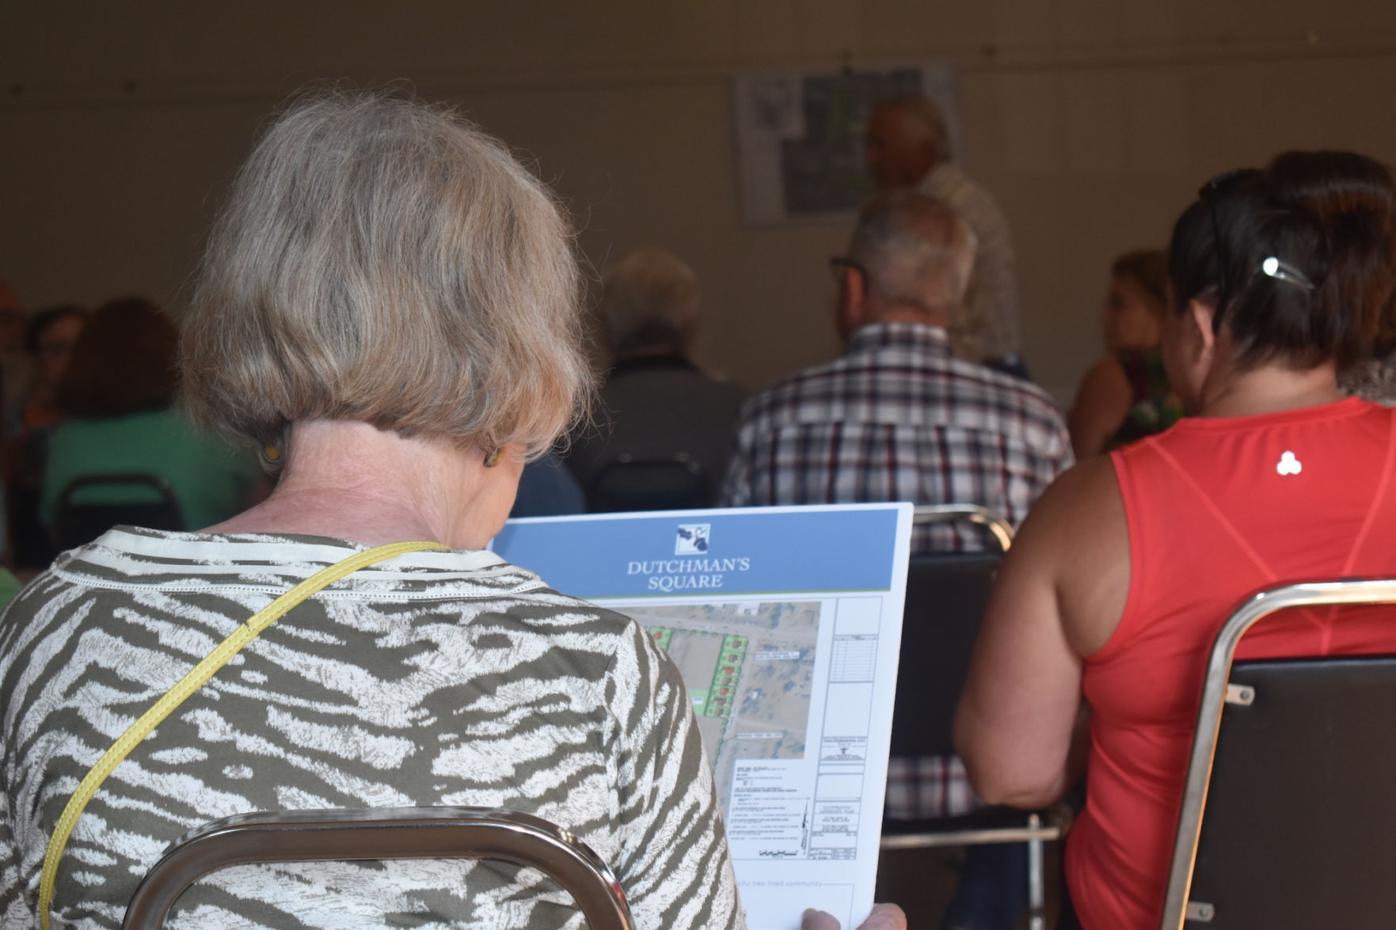 Resident looking at design plan